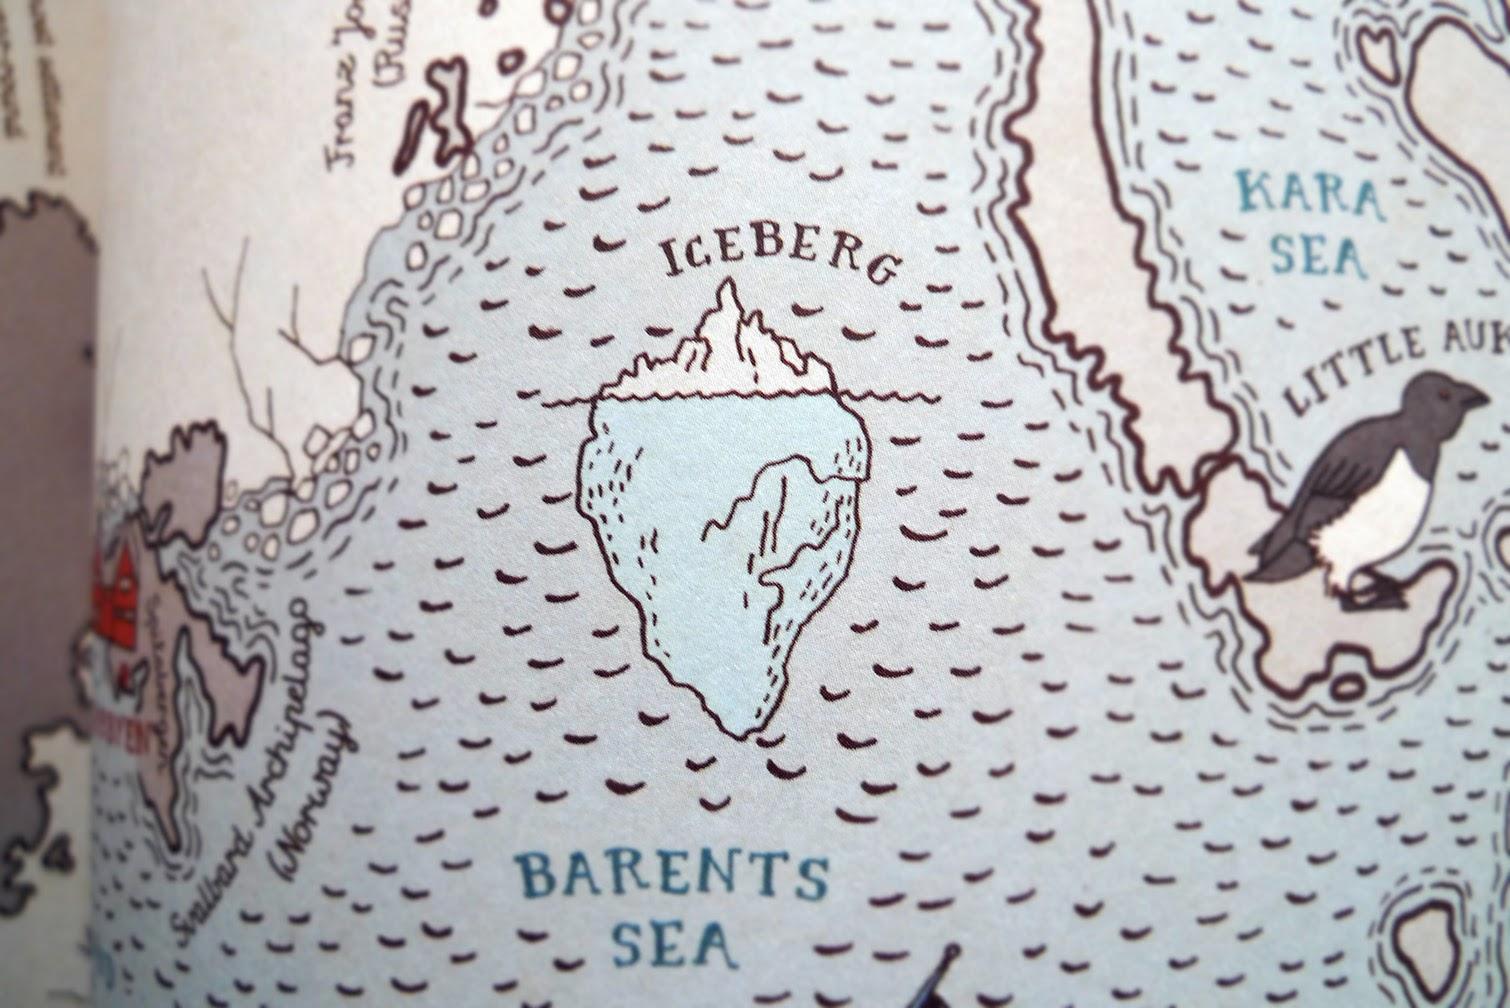 Detalle del libro MAPS, Atlas ilustrado por Aleksandra Mizielinska y Daniel Mizielinski